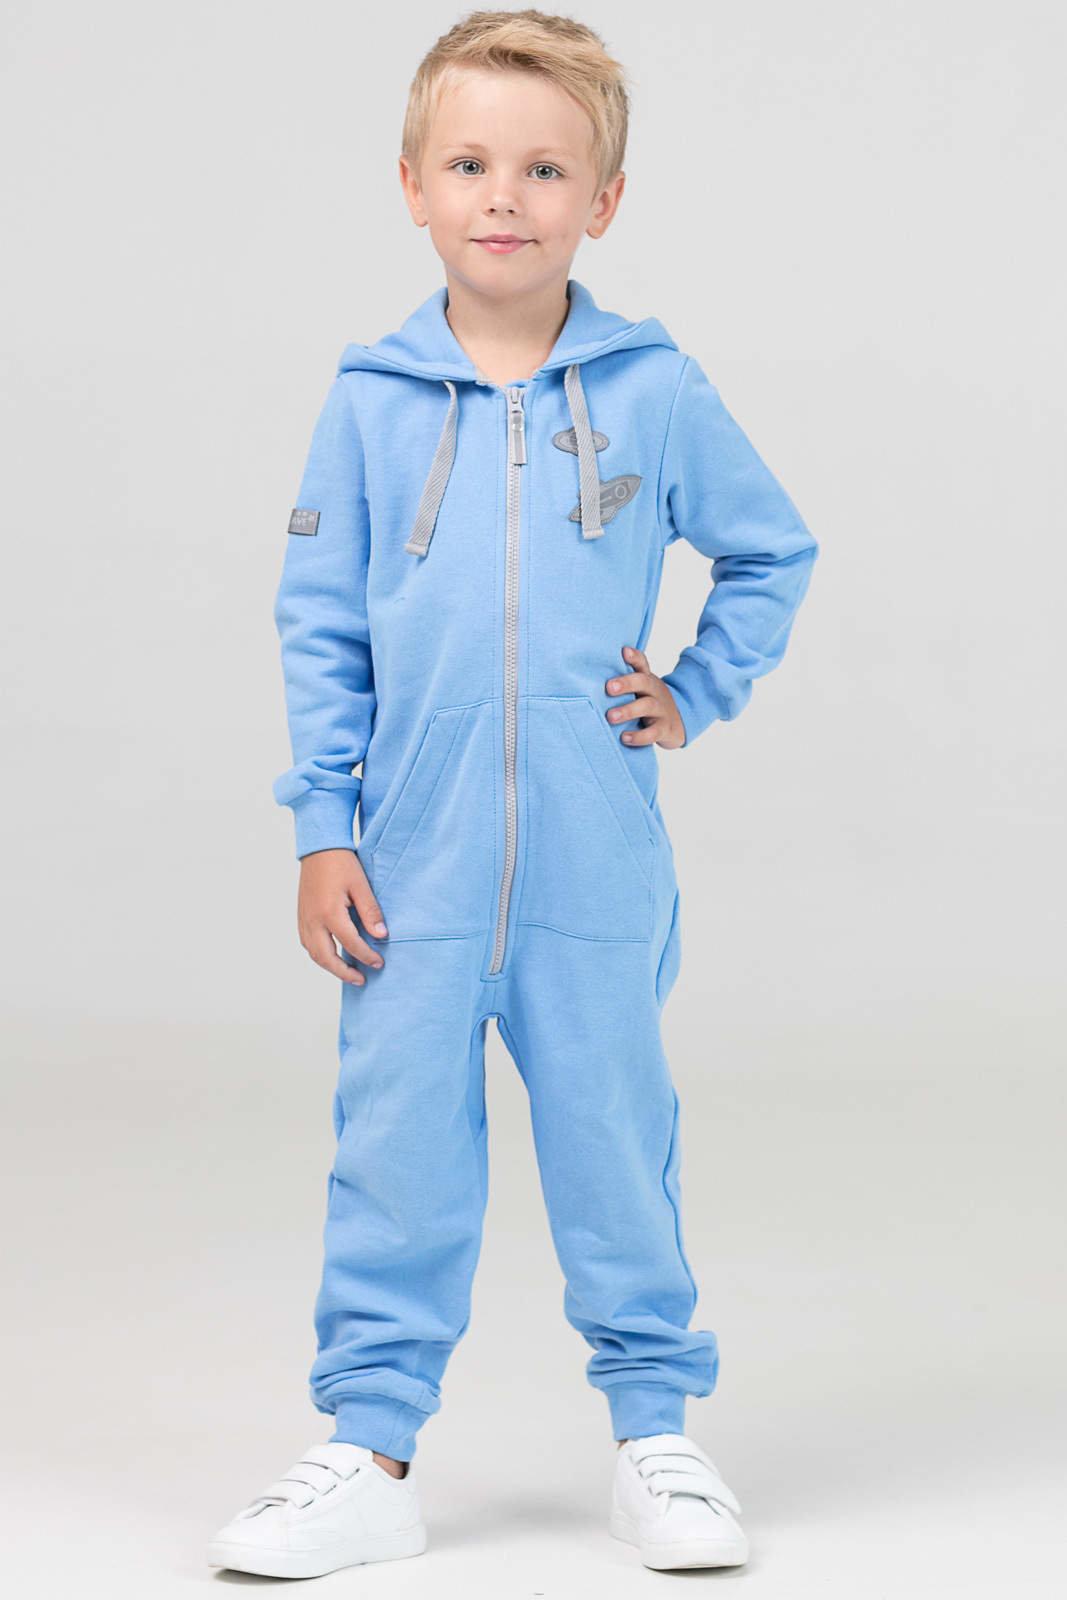 Купить Комбинезон детский The Cave Ready голубой 500104 р.104, Повседневные комбинезоны для девочек